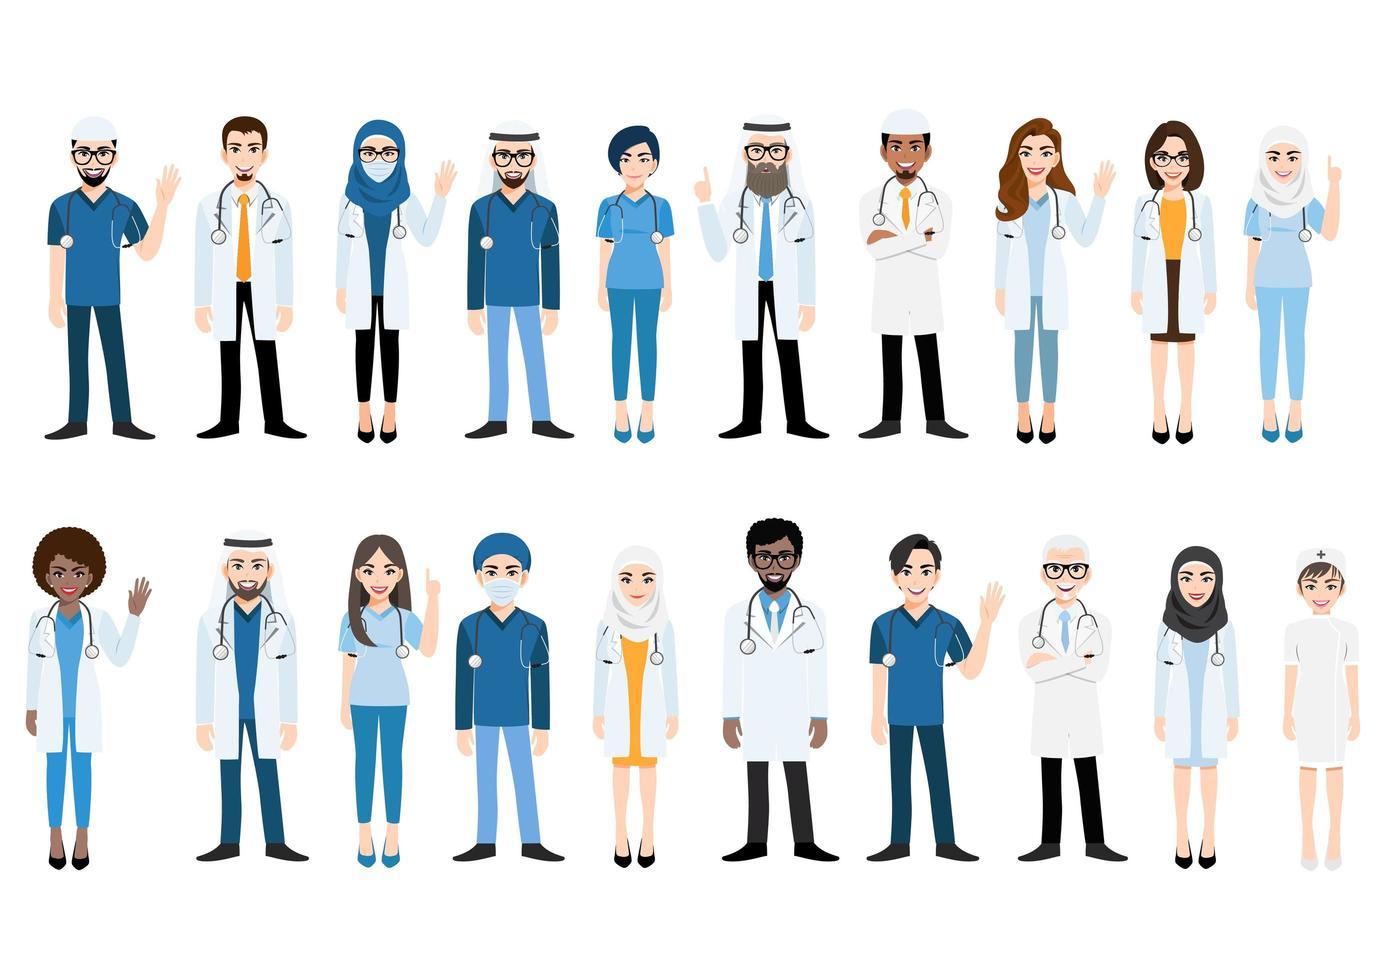 tecknad karaktär med medicinskt team och personal vektor